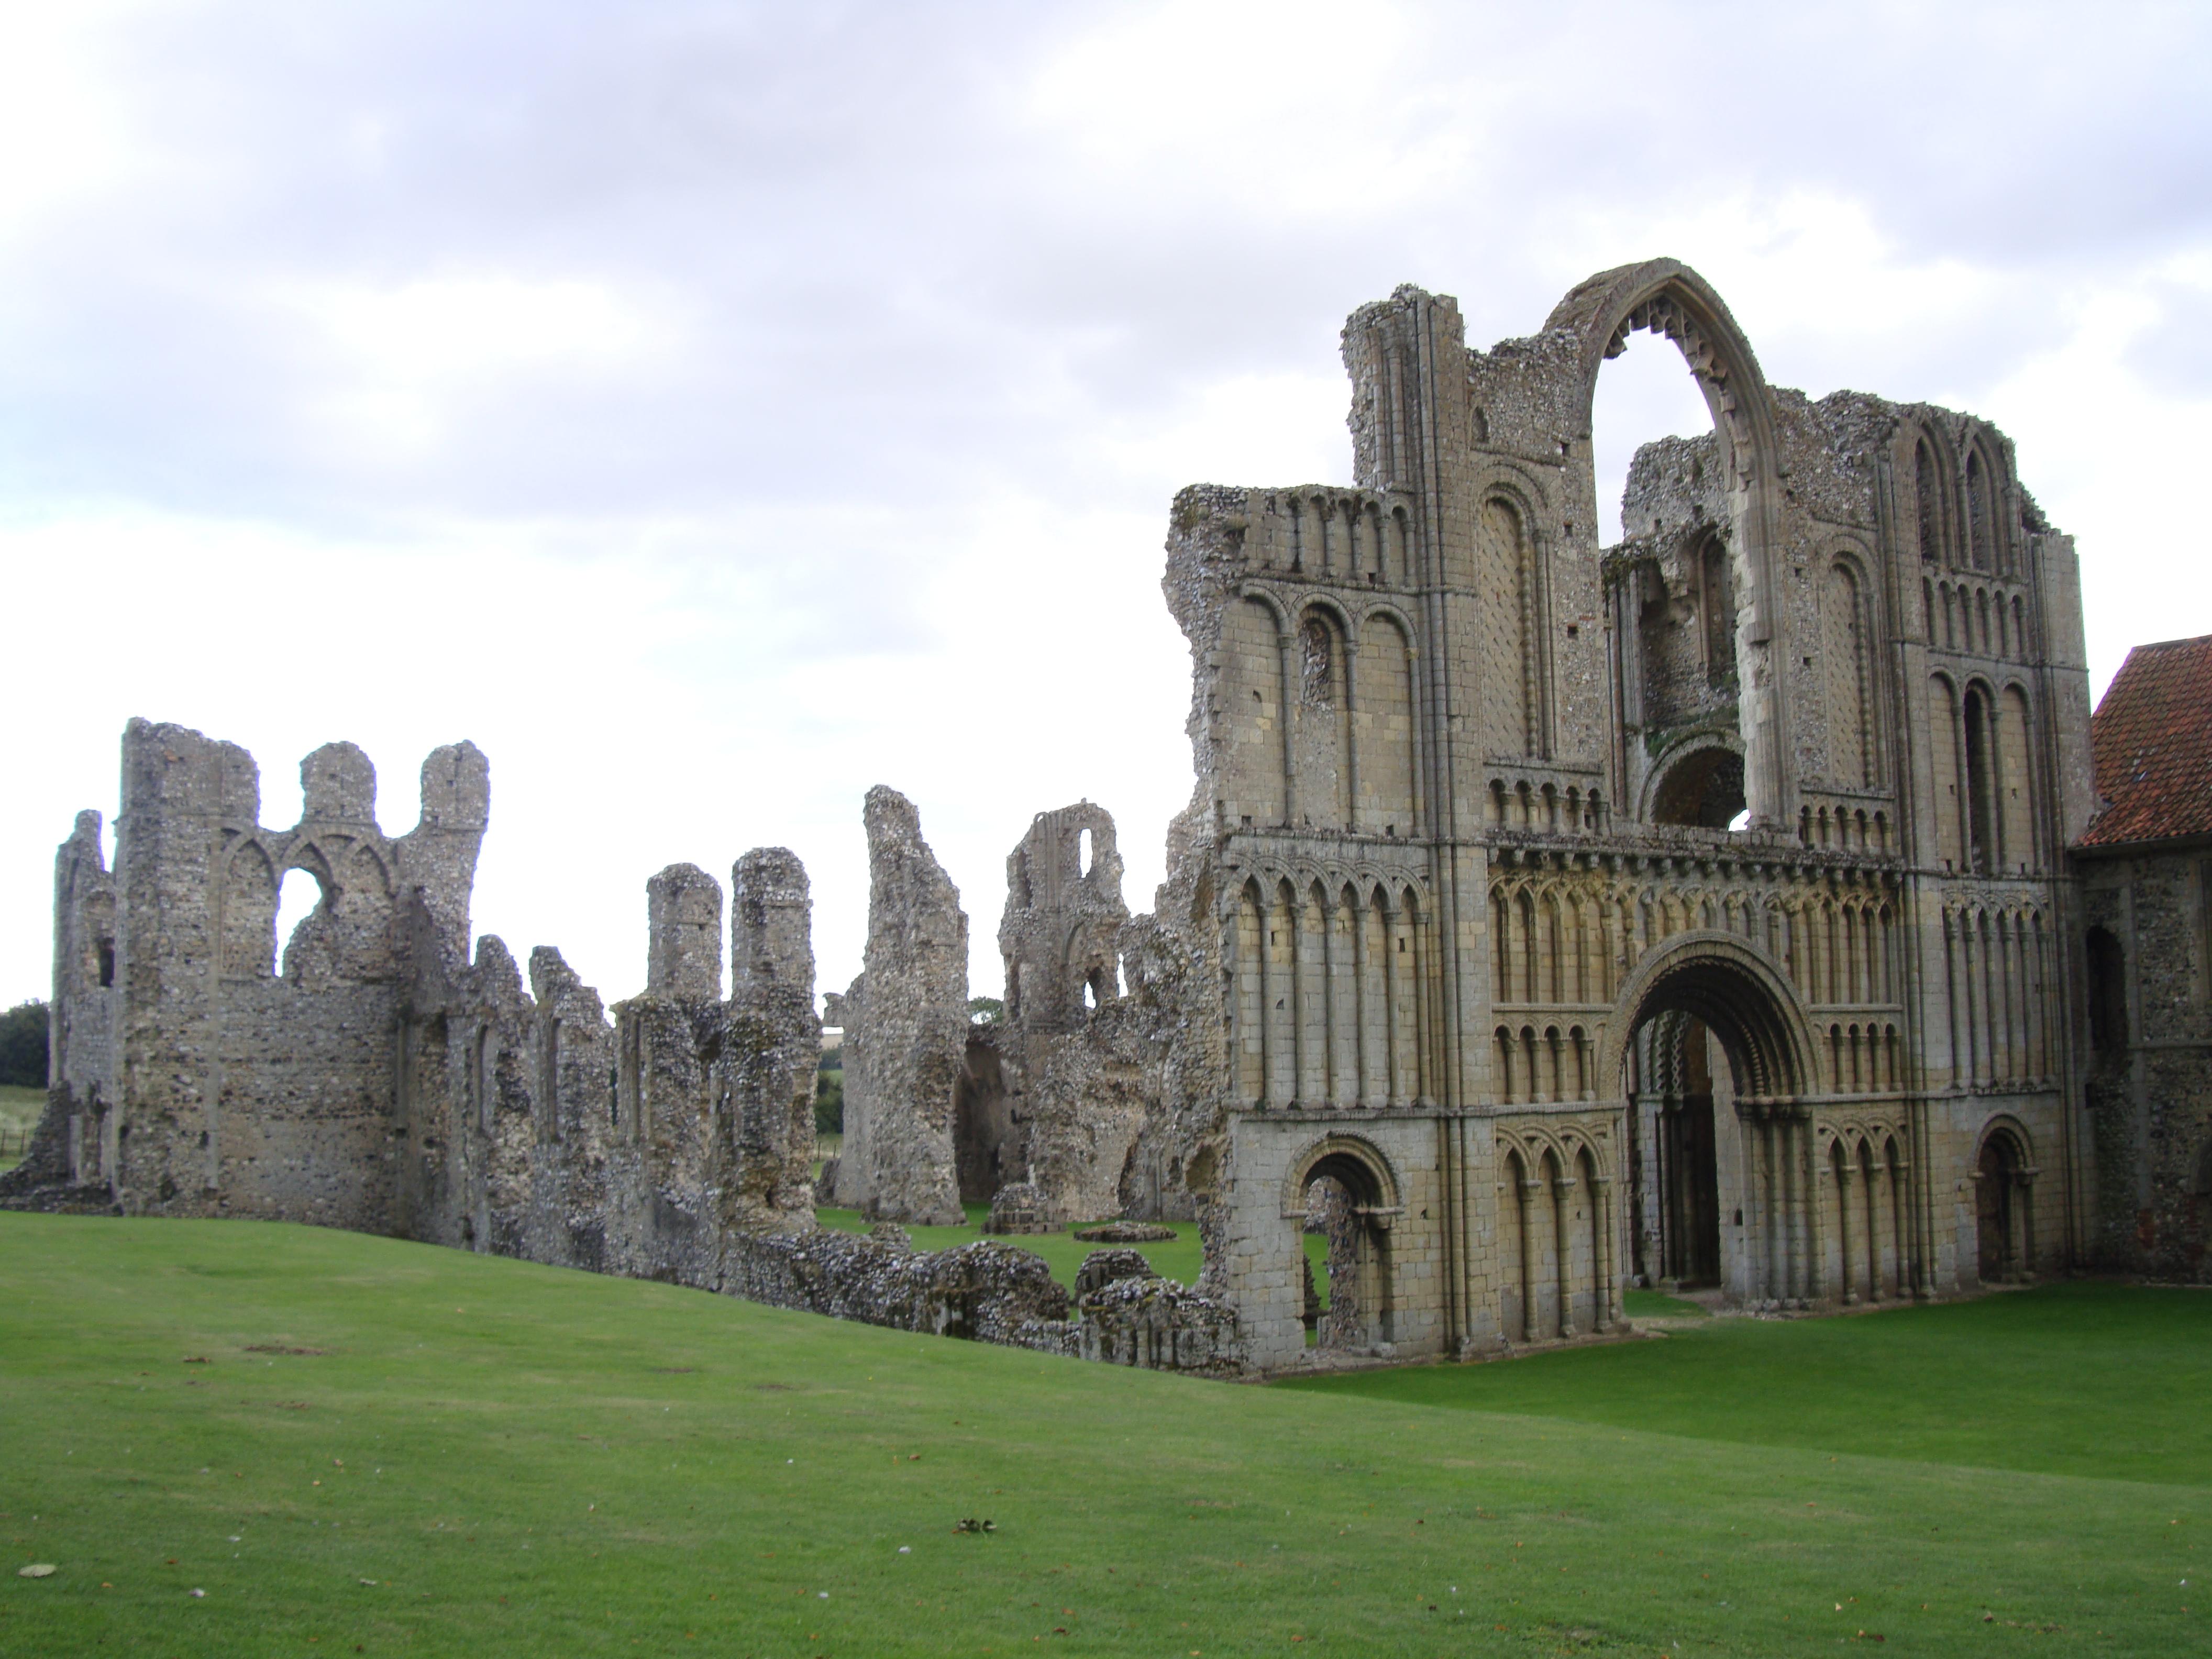 Castle Acre Priory Wikipedia